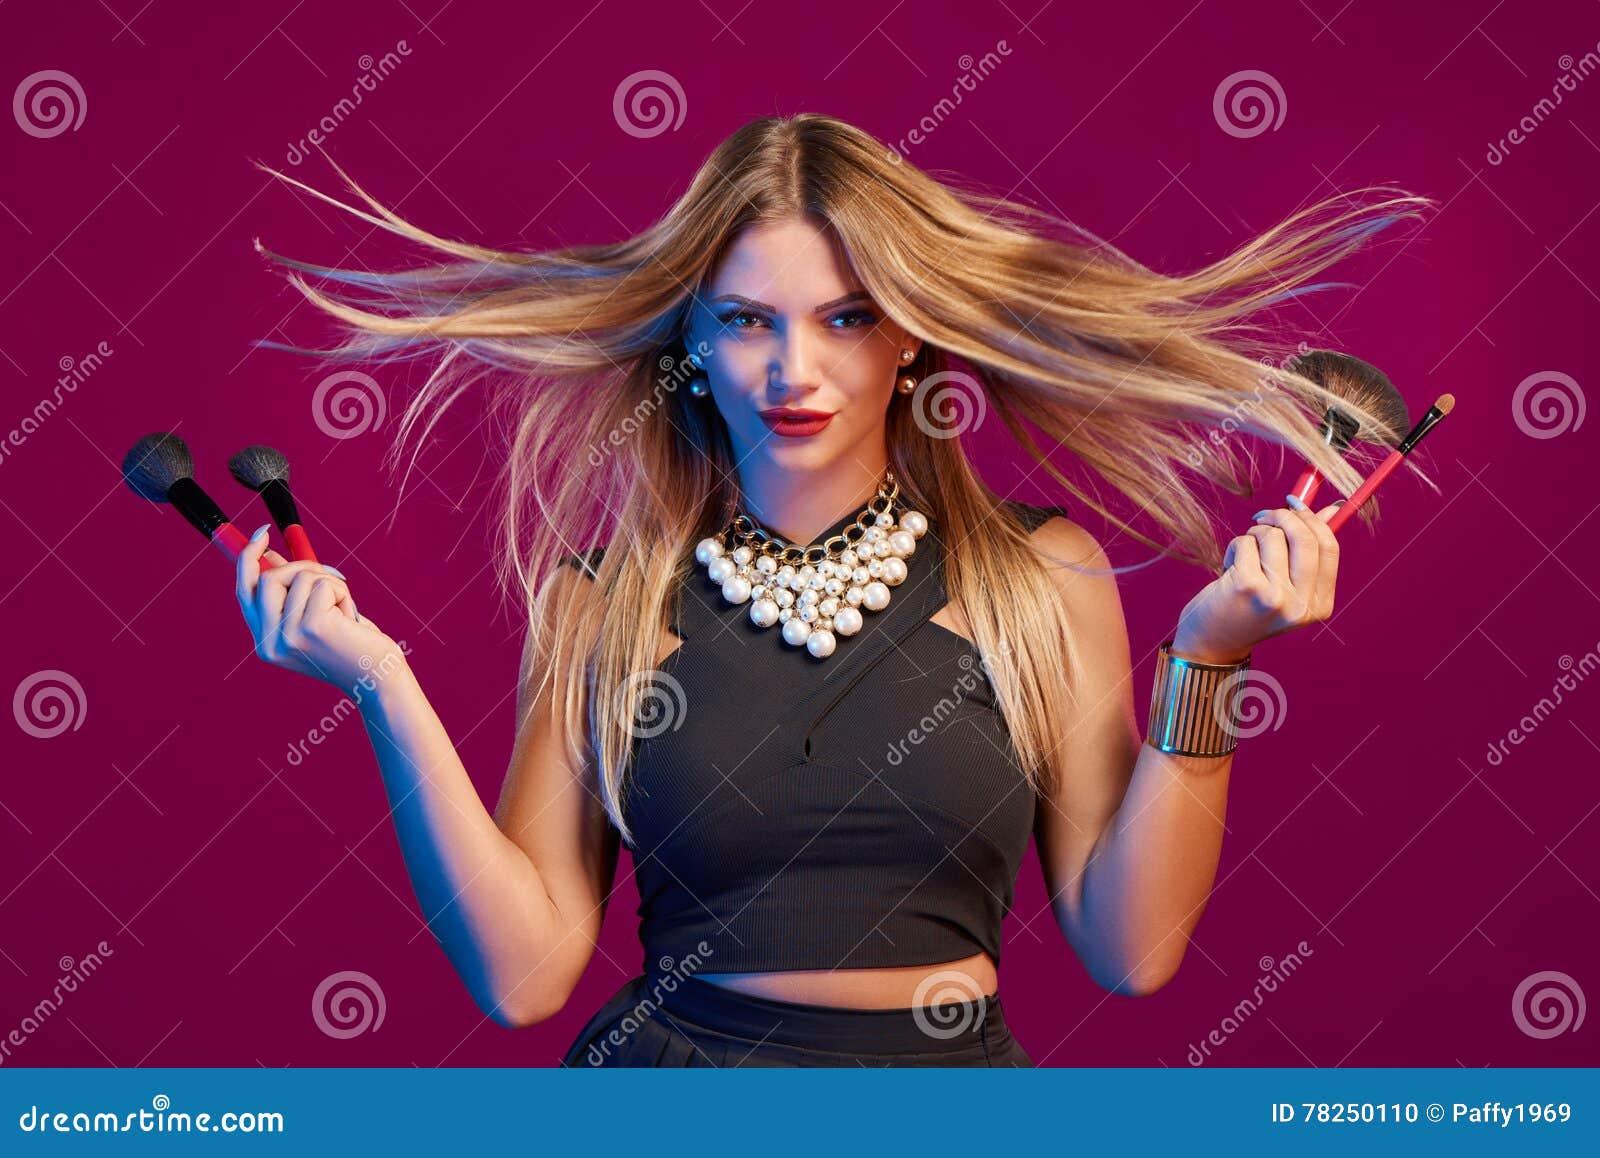 Θηλυκός στιλίστας με τις πετώντας βούρτσες εκμετάλλευσης τρίχας makeup